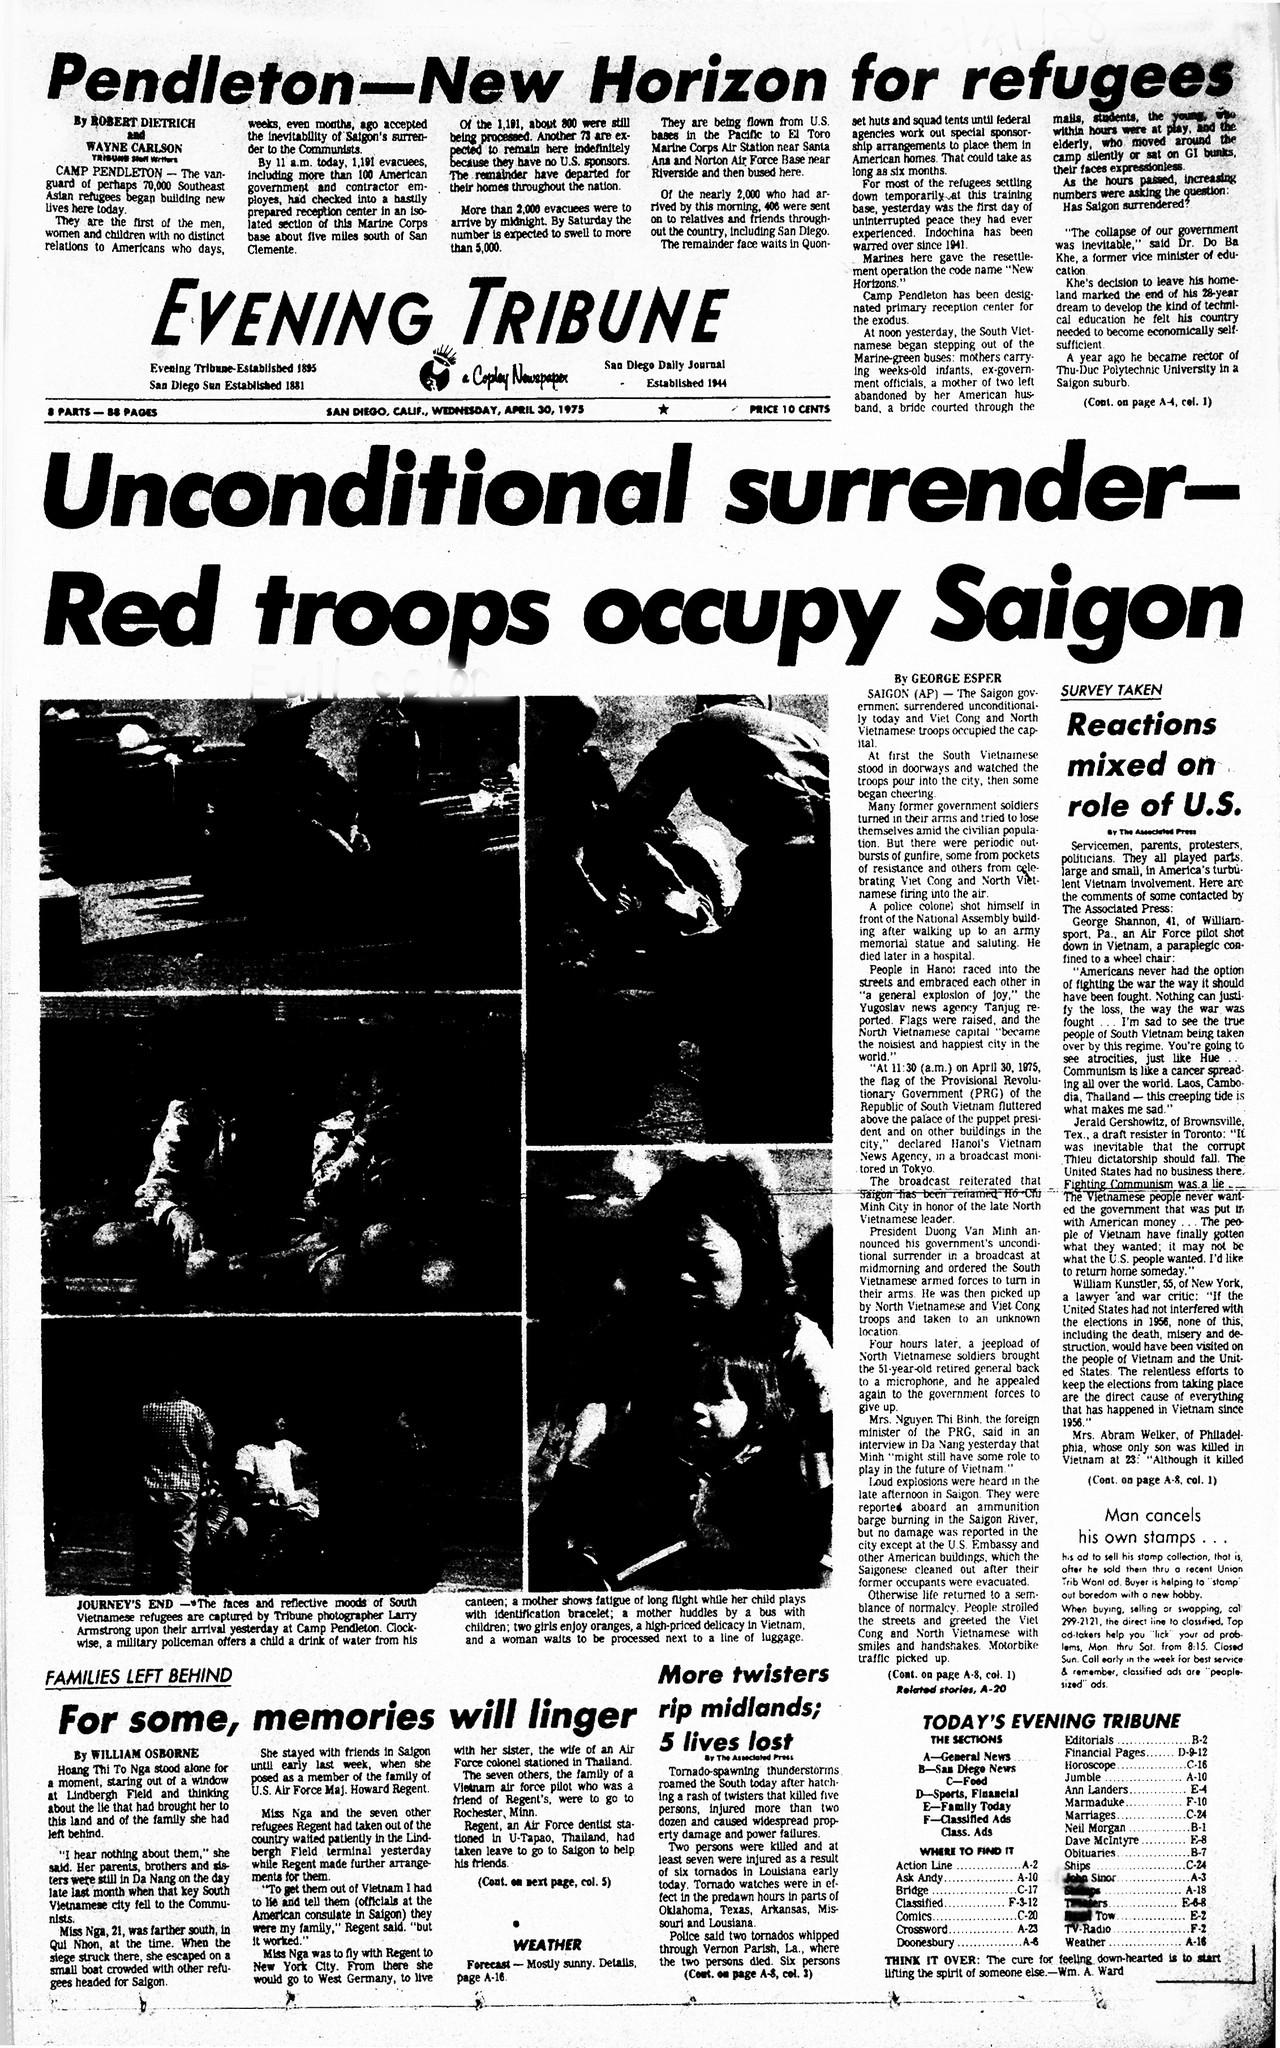 April 30, 1975: Refugees arrive at Camp Pendleton - The San